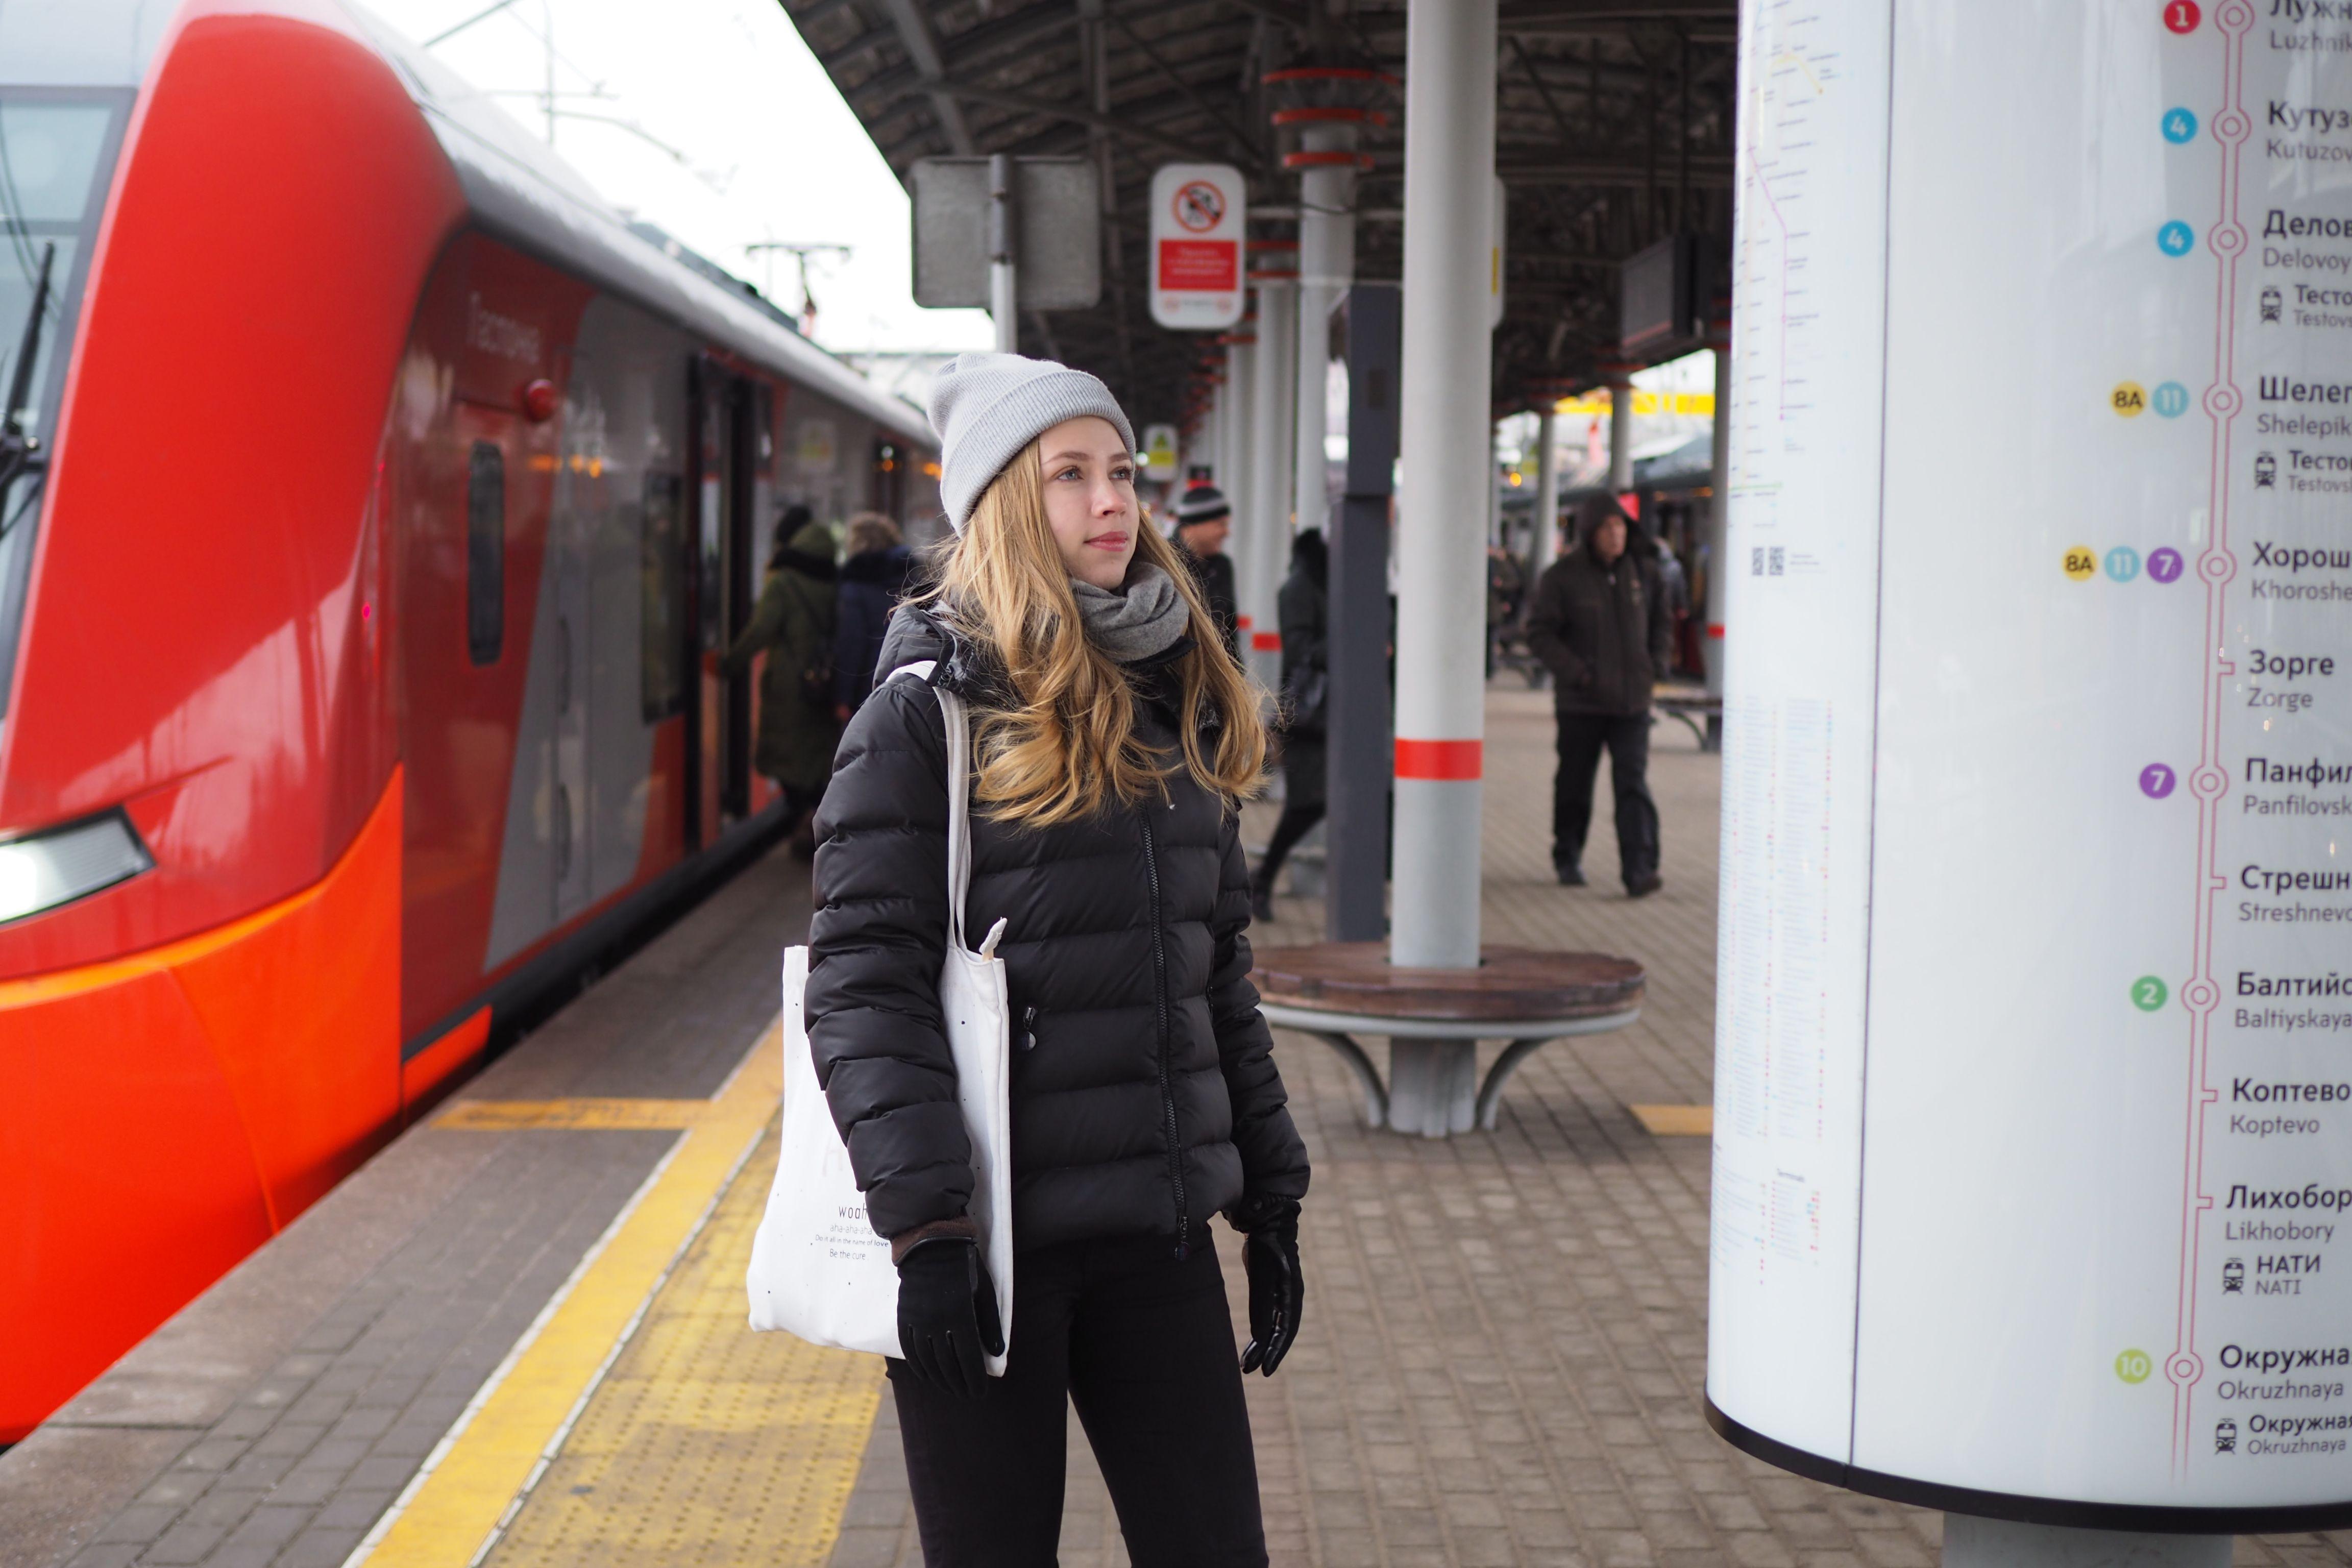 Марат Хуснуллин анонсировал полную интеграцию Московского центрального кольца и железных дорог